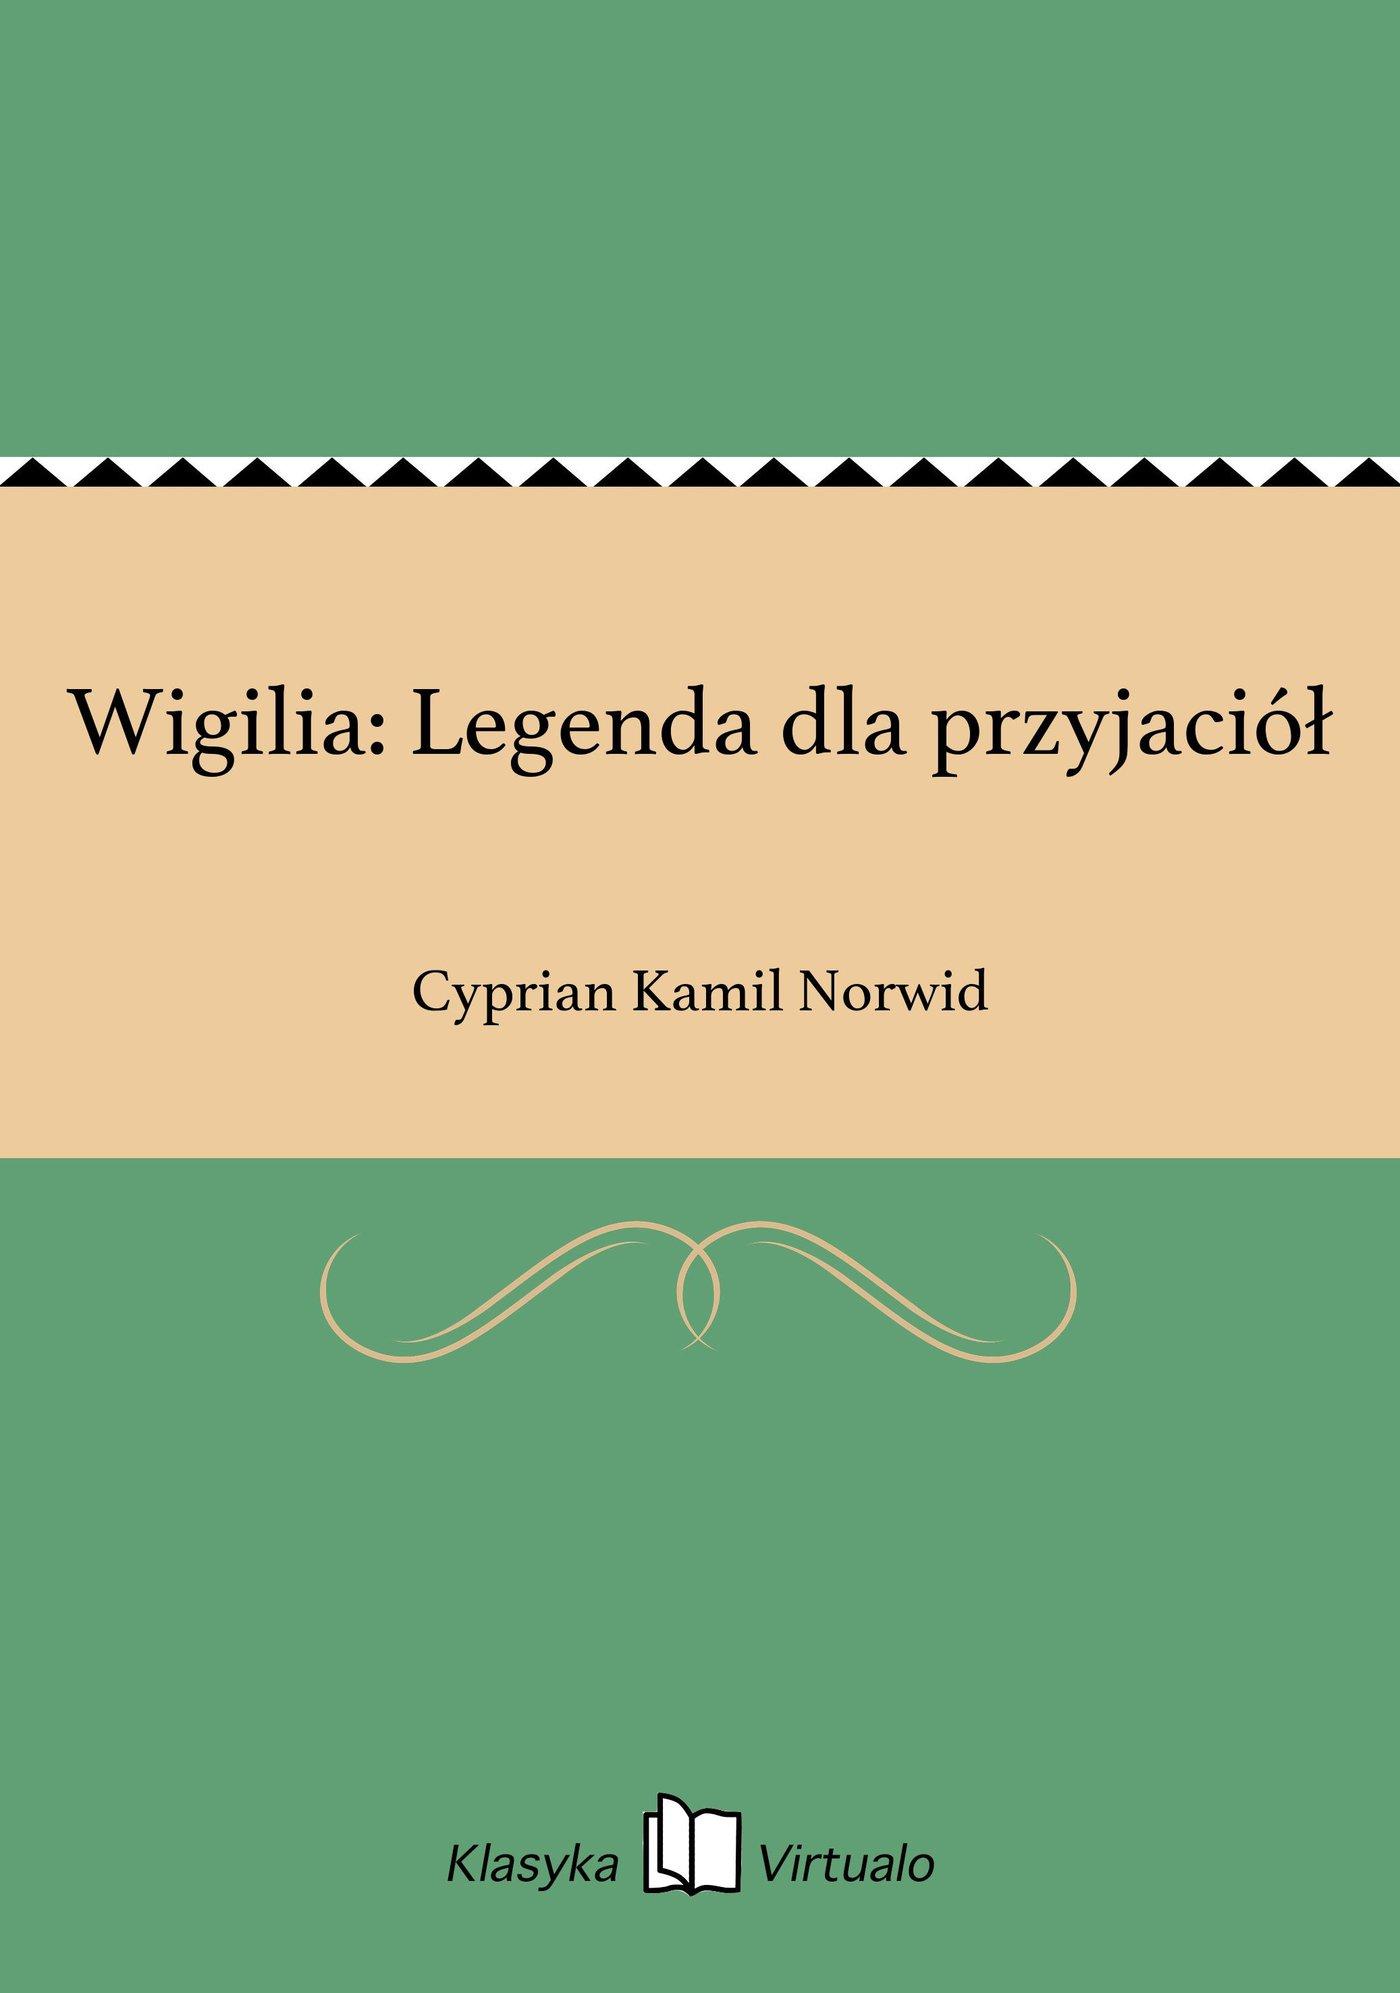 Wigilia: Legenda dla przyjaciół - Ebook (Książka na Kindle) do pobrania w formacie MOBI